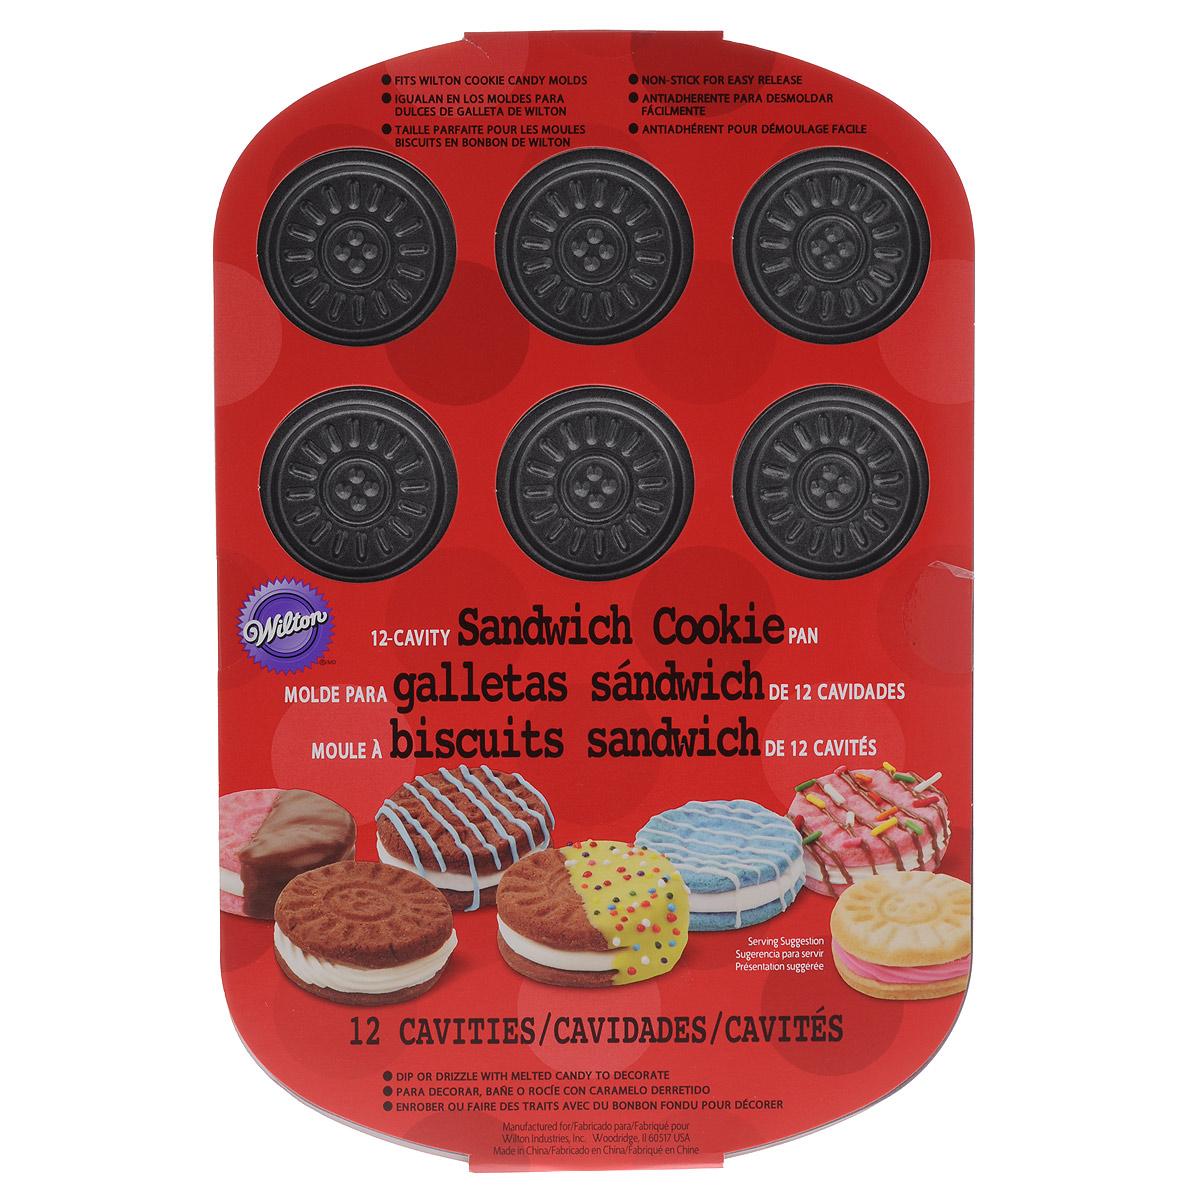 Форма для выпечки Wilton Сэндвич, с антипригарным покрытием, 12 ячеек, 28,5 х 19 смWLT-2105-0896Форма для выпечки Wilton Сэндвич изготовлена из высококачественной углеродистой стали. Антипригарное покрытие не позволяет пище пригорать и прилипать к поверхности, поэтому готовая выпечка очень легко вынимается. Форма содержит 12 ячеек круглой формы, что идеально подходит для приготовления различных пирожных. Подходит для использования в духовом шкафу. Форма легко чиститься, и подходит для мытья в посудомоечной машине. Общий размер формы (ДхШхВ): 28,5 см х 19 см х 0,5 см. Диаметр ячейки: 4,3 см.